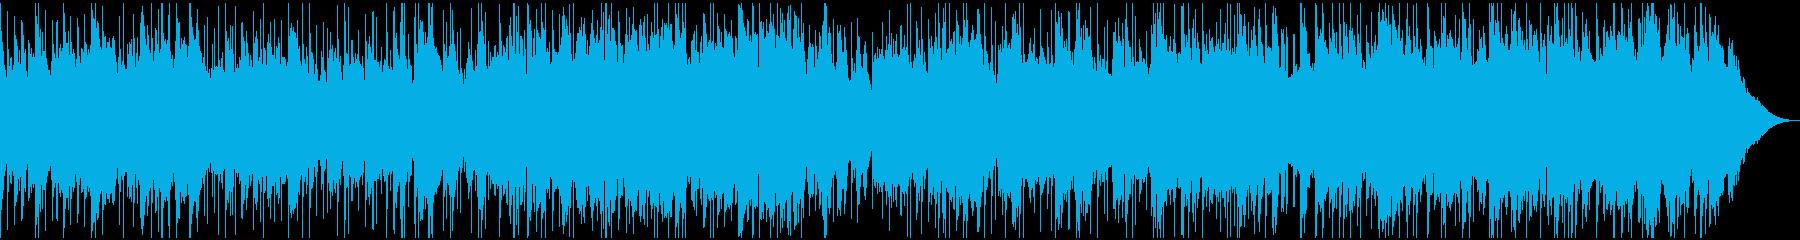 安らぎを与えるほのぼのバラード・ロックの再生済みの波形